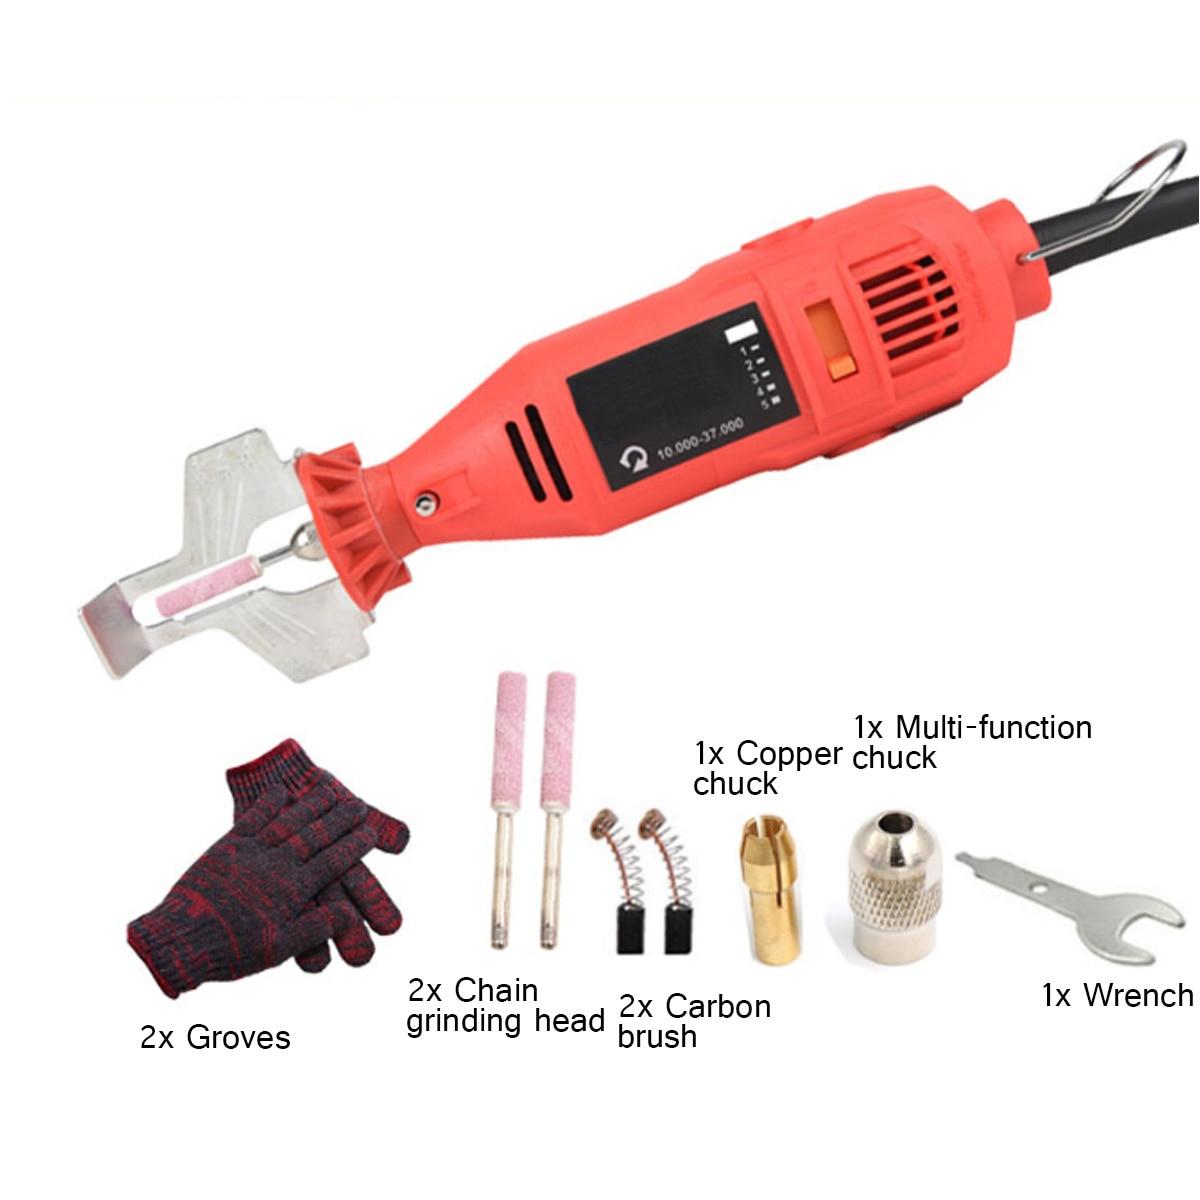 180W 5 Getriebe Kettensäge Schleifen Maschine Spitzer Kettensäge Elektrische Mini Handheld Mühle Datei Fräsen Maschinen Werkzeuge Set